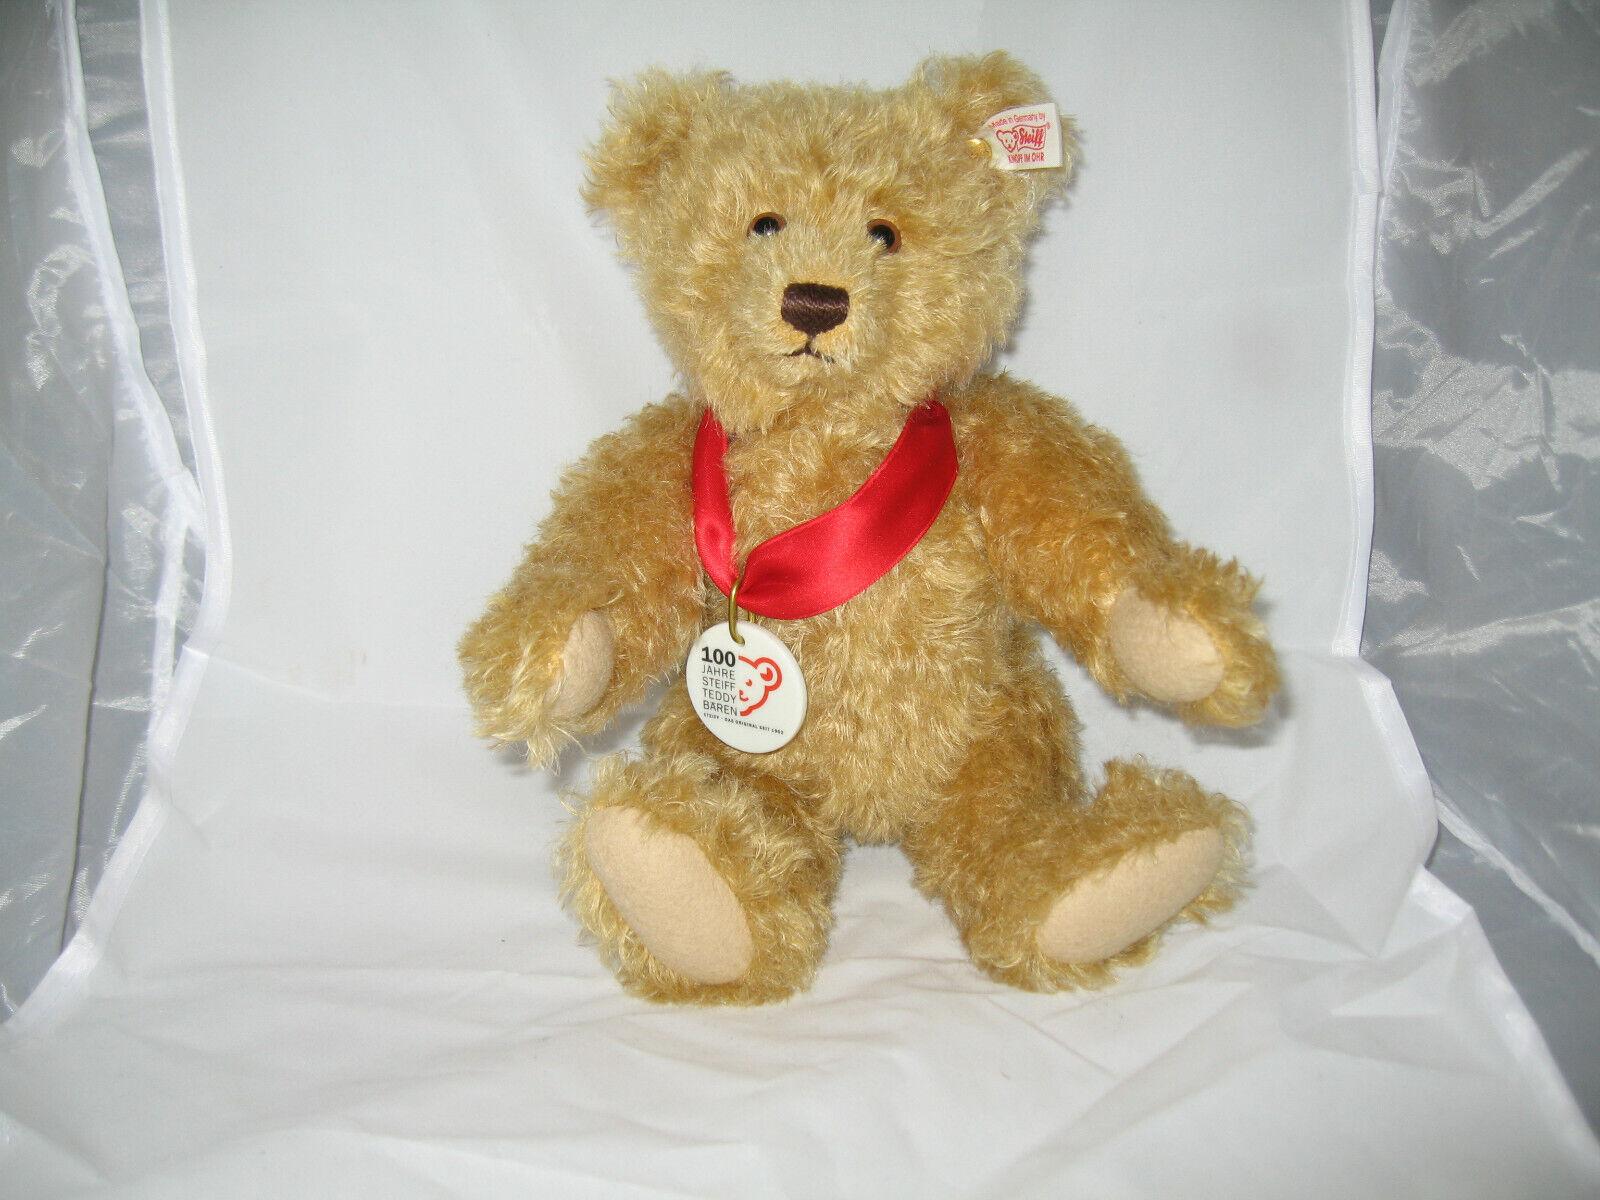 100 Jahre Steiff Teddybär limitiert + Buch + Zertifikat